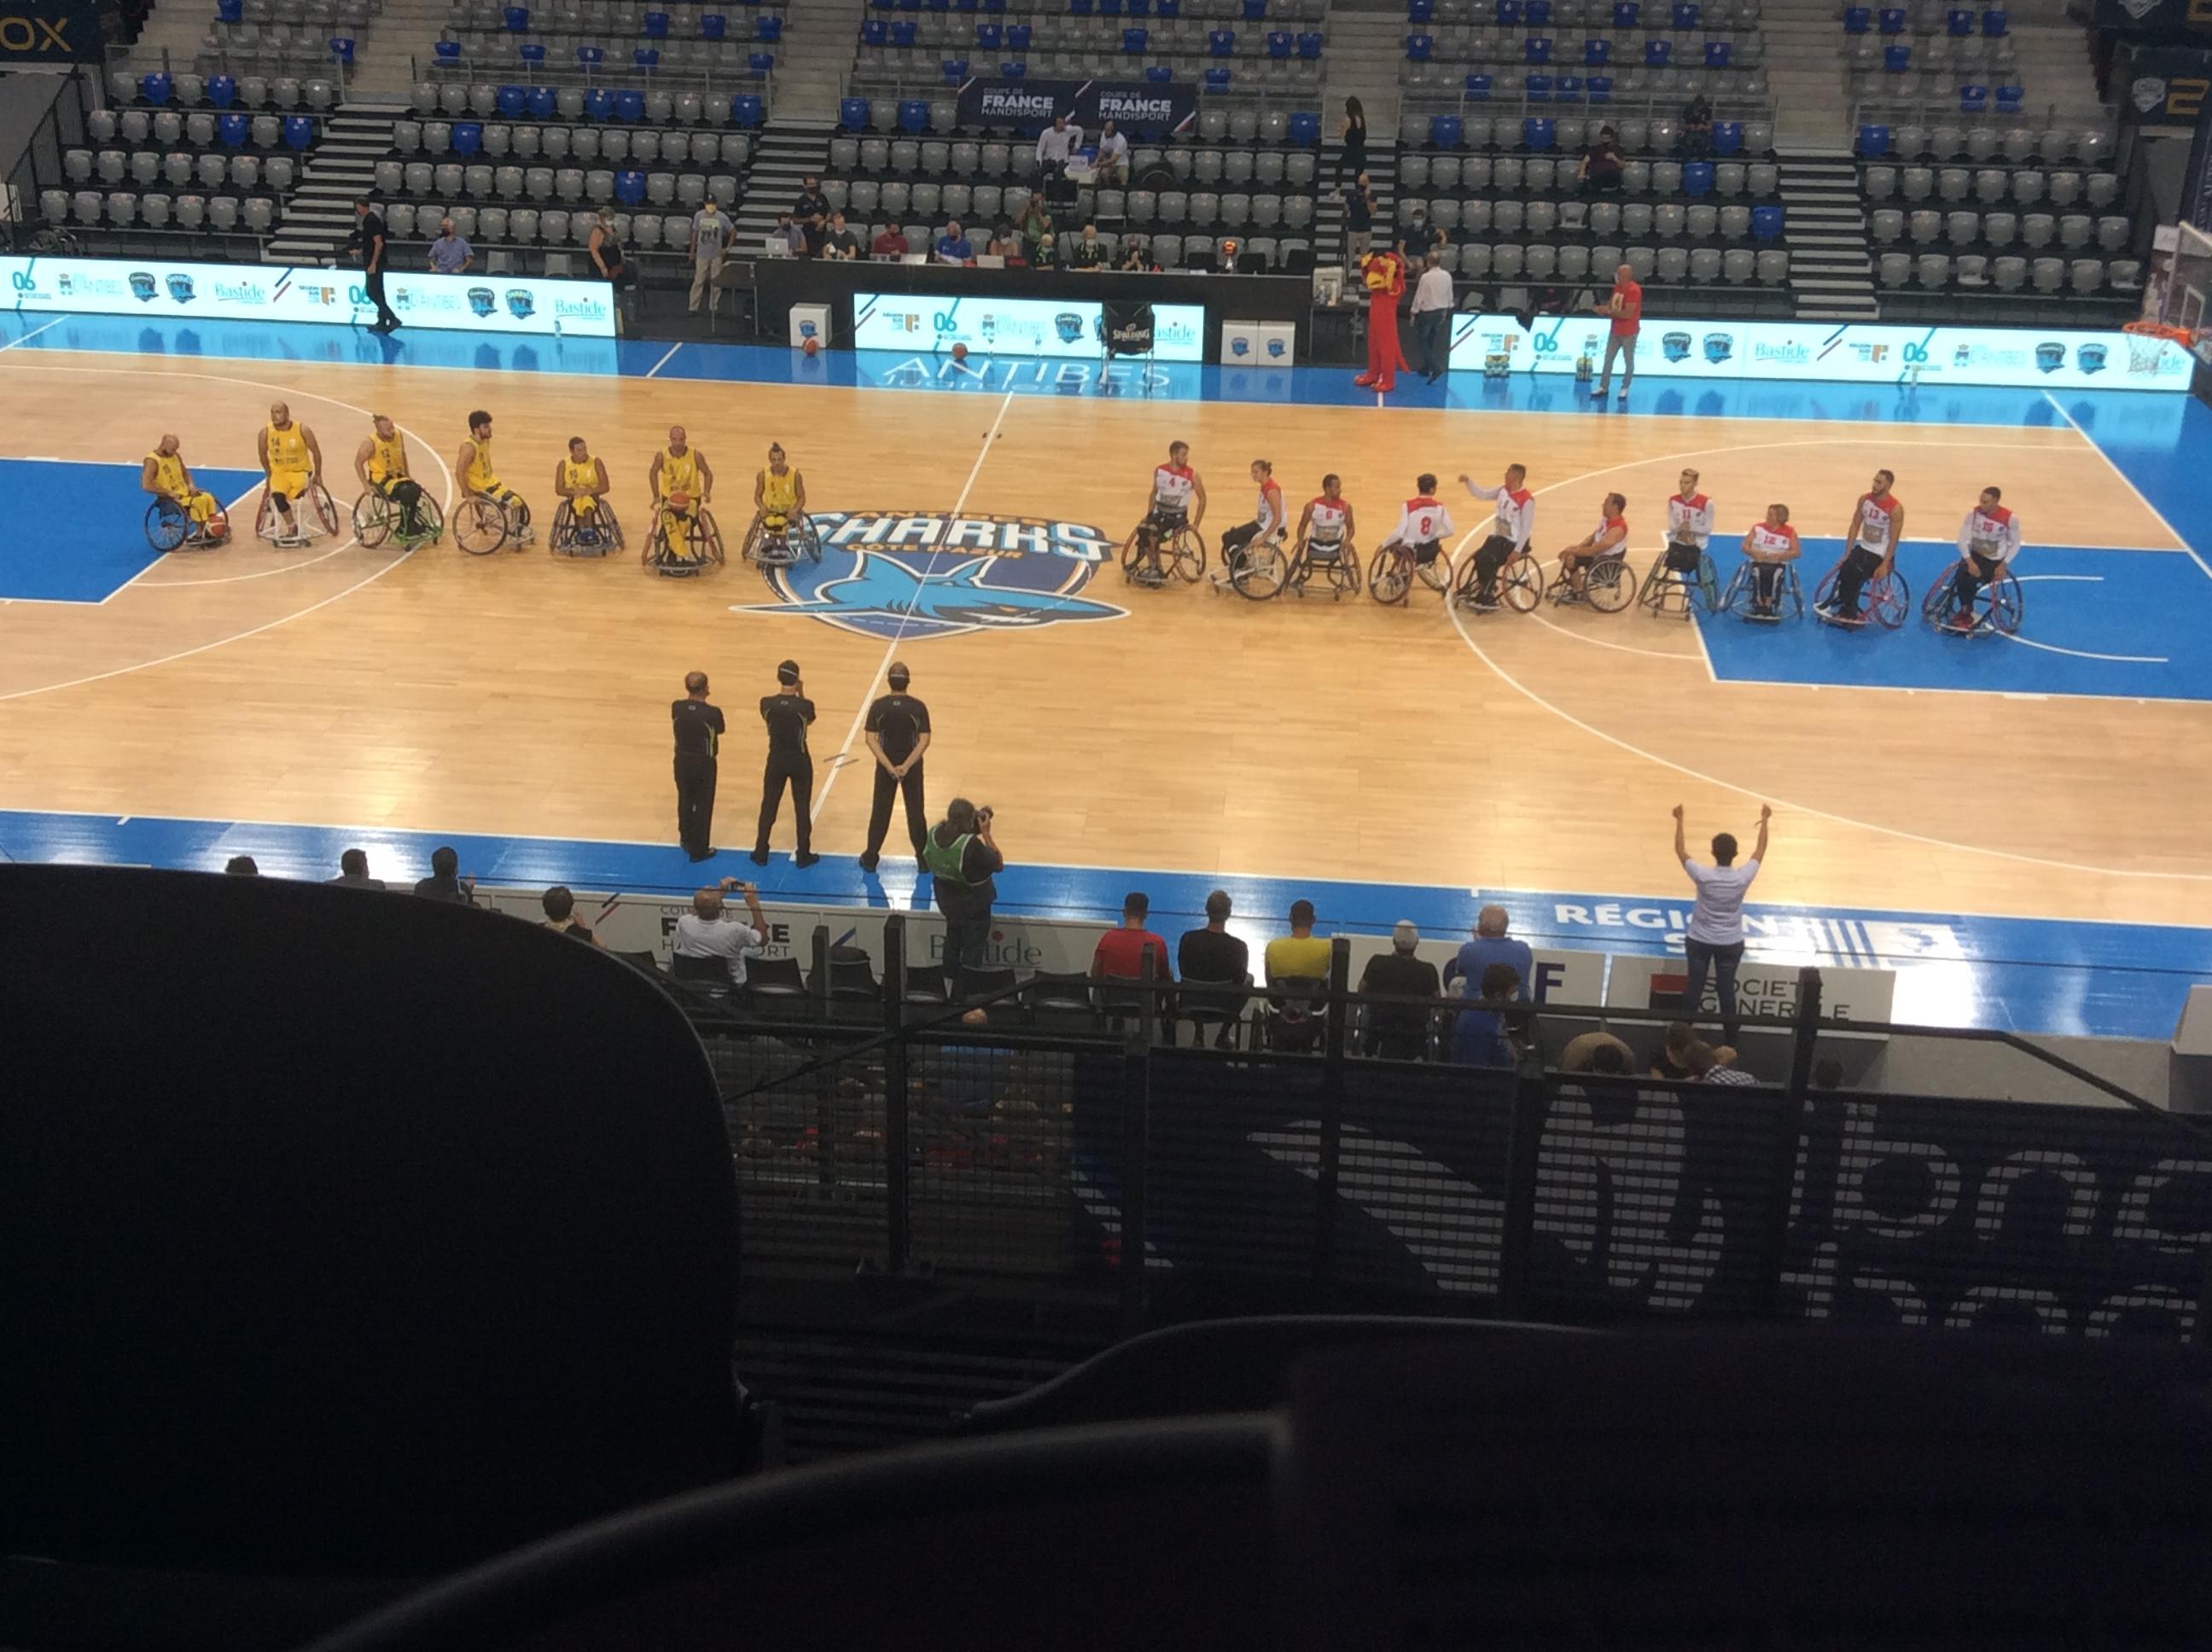 finale coupe de france handi basket hyeres 66-61 les aigles du Velay réac après match 210920